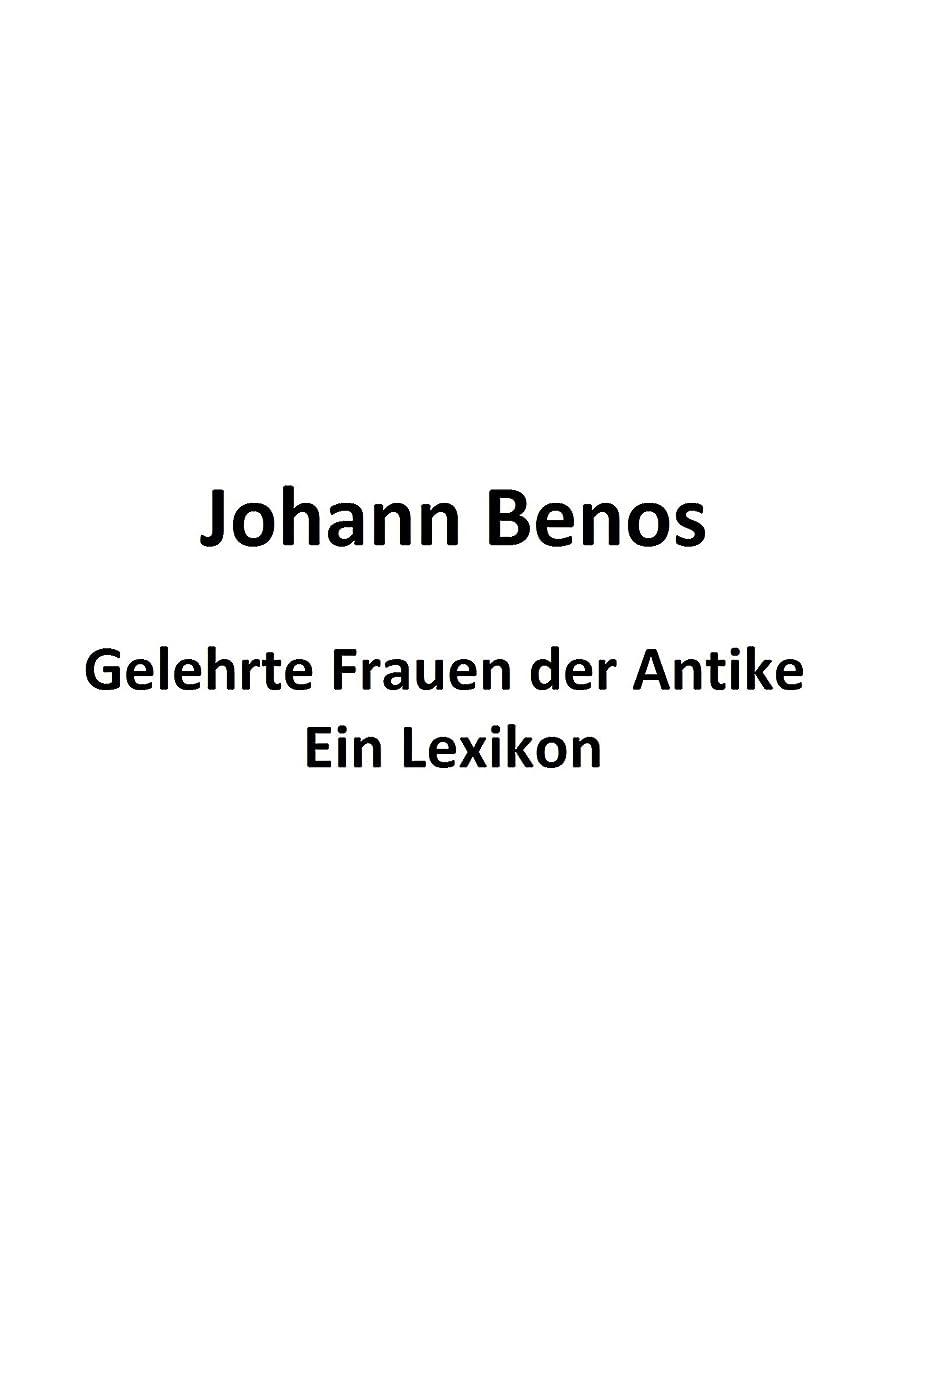 沼地請求弁護人Gelehrte Frauen der Antike - Ein Lexikon (German Edition)